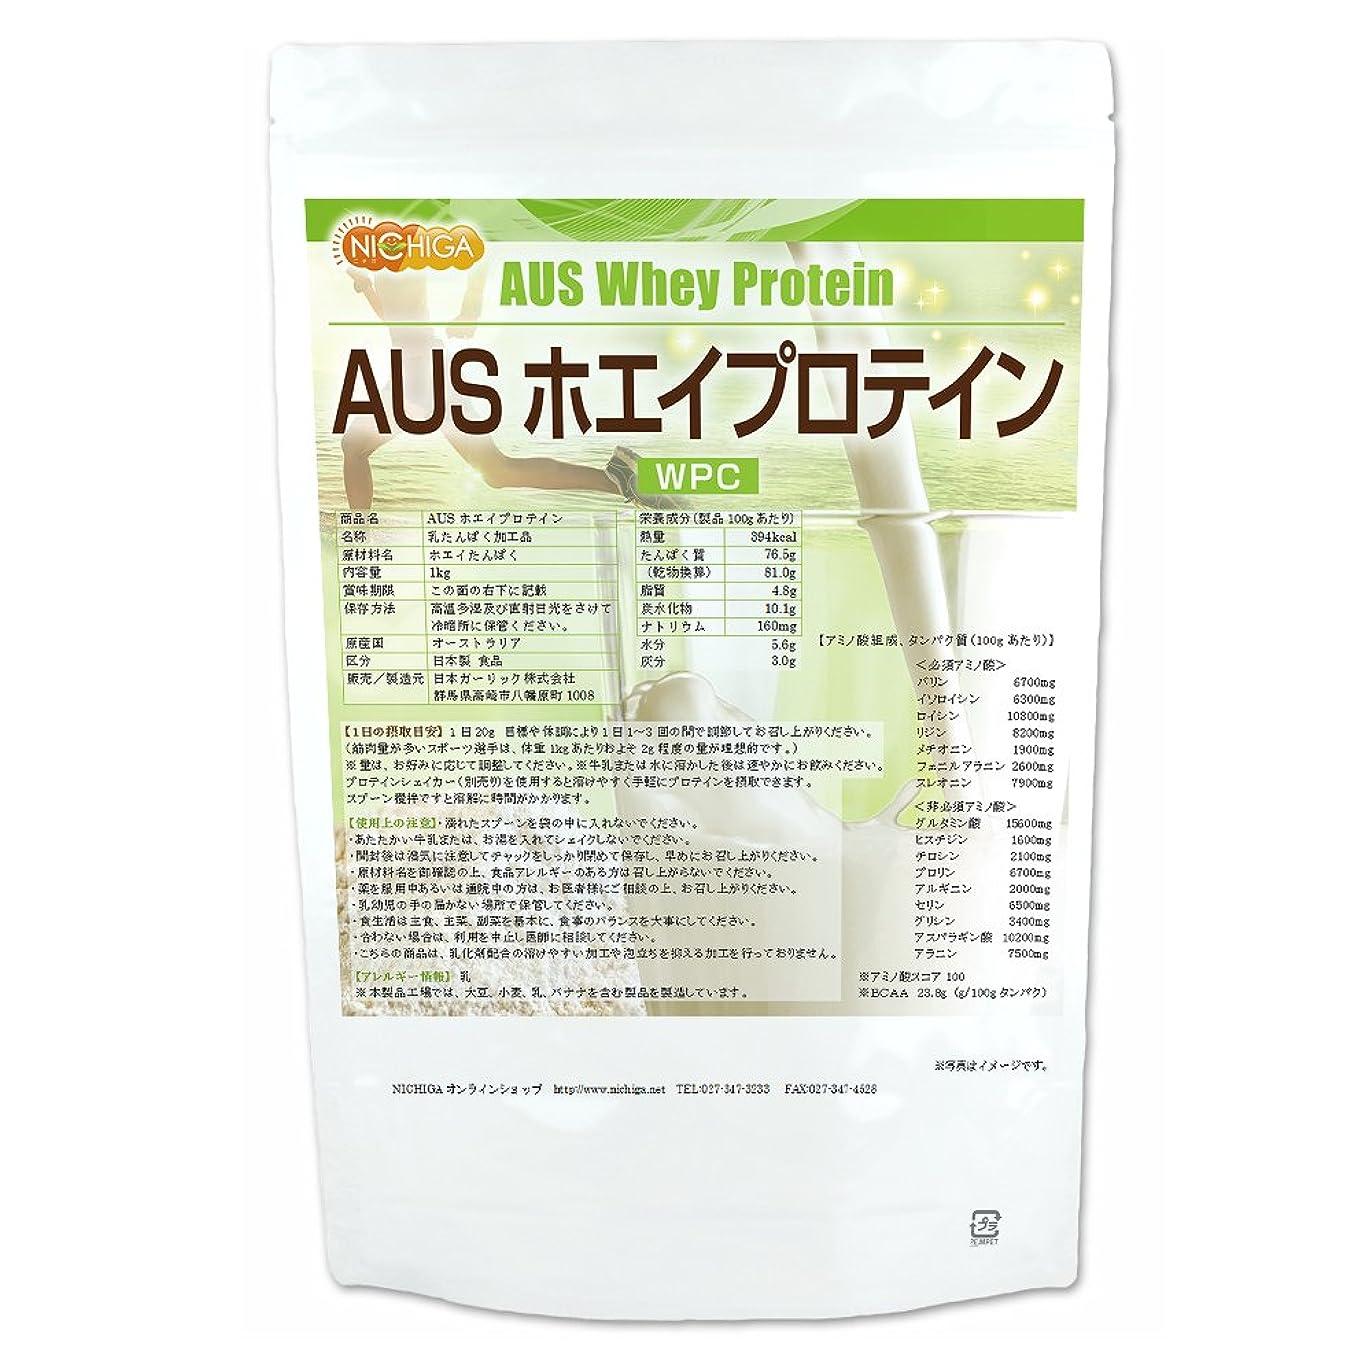 とげ時期尚早未使用AUS ホエイプロテイン グラスフェッド 1kg NICHIGA(ニチガ) WPC製法タンパク含有率81%